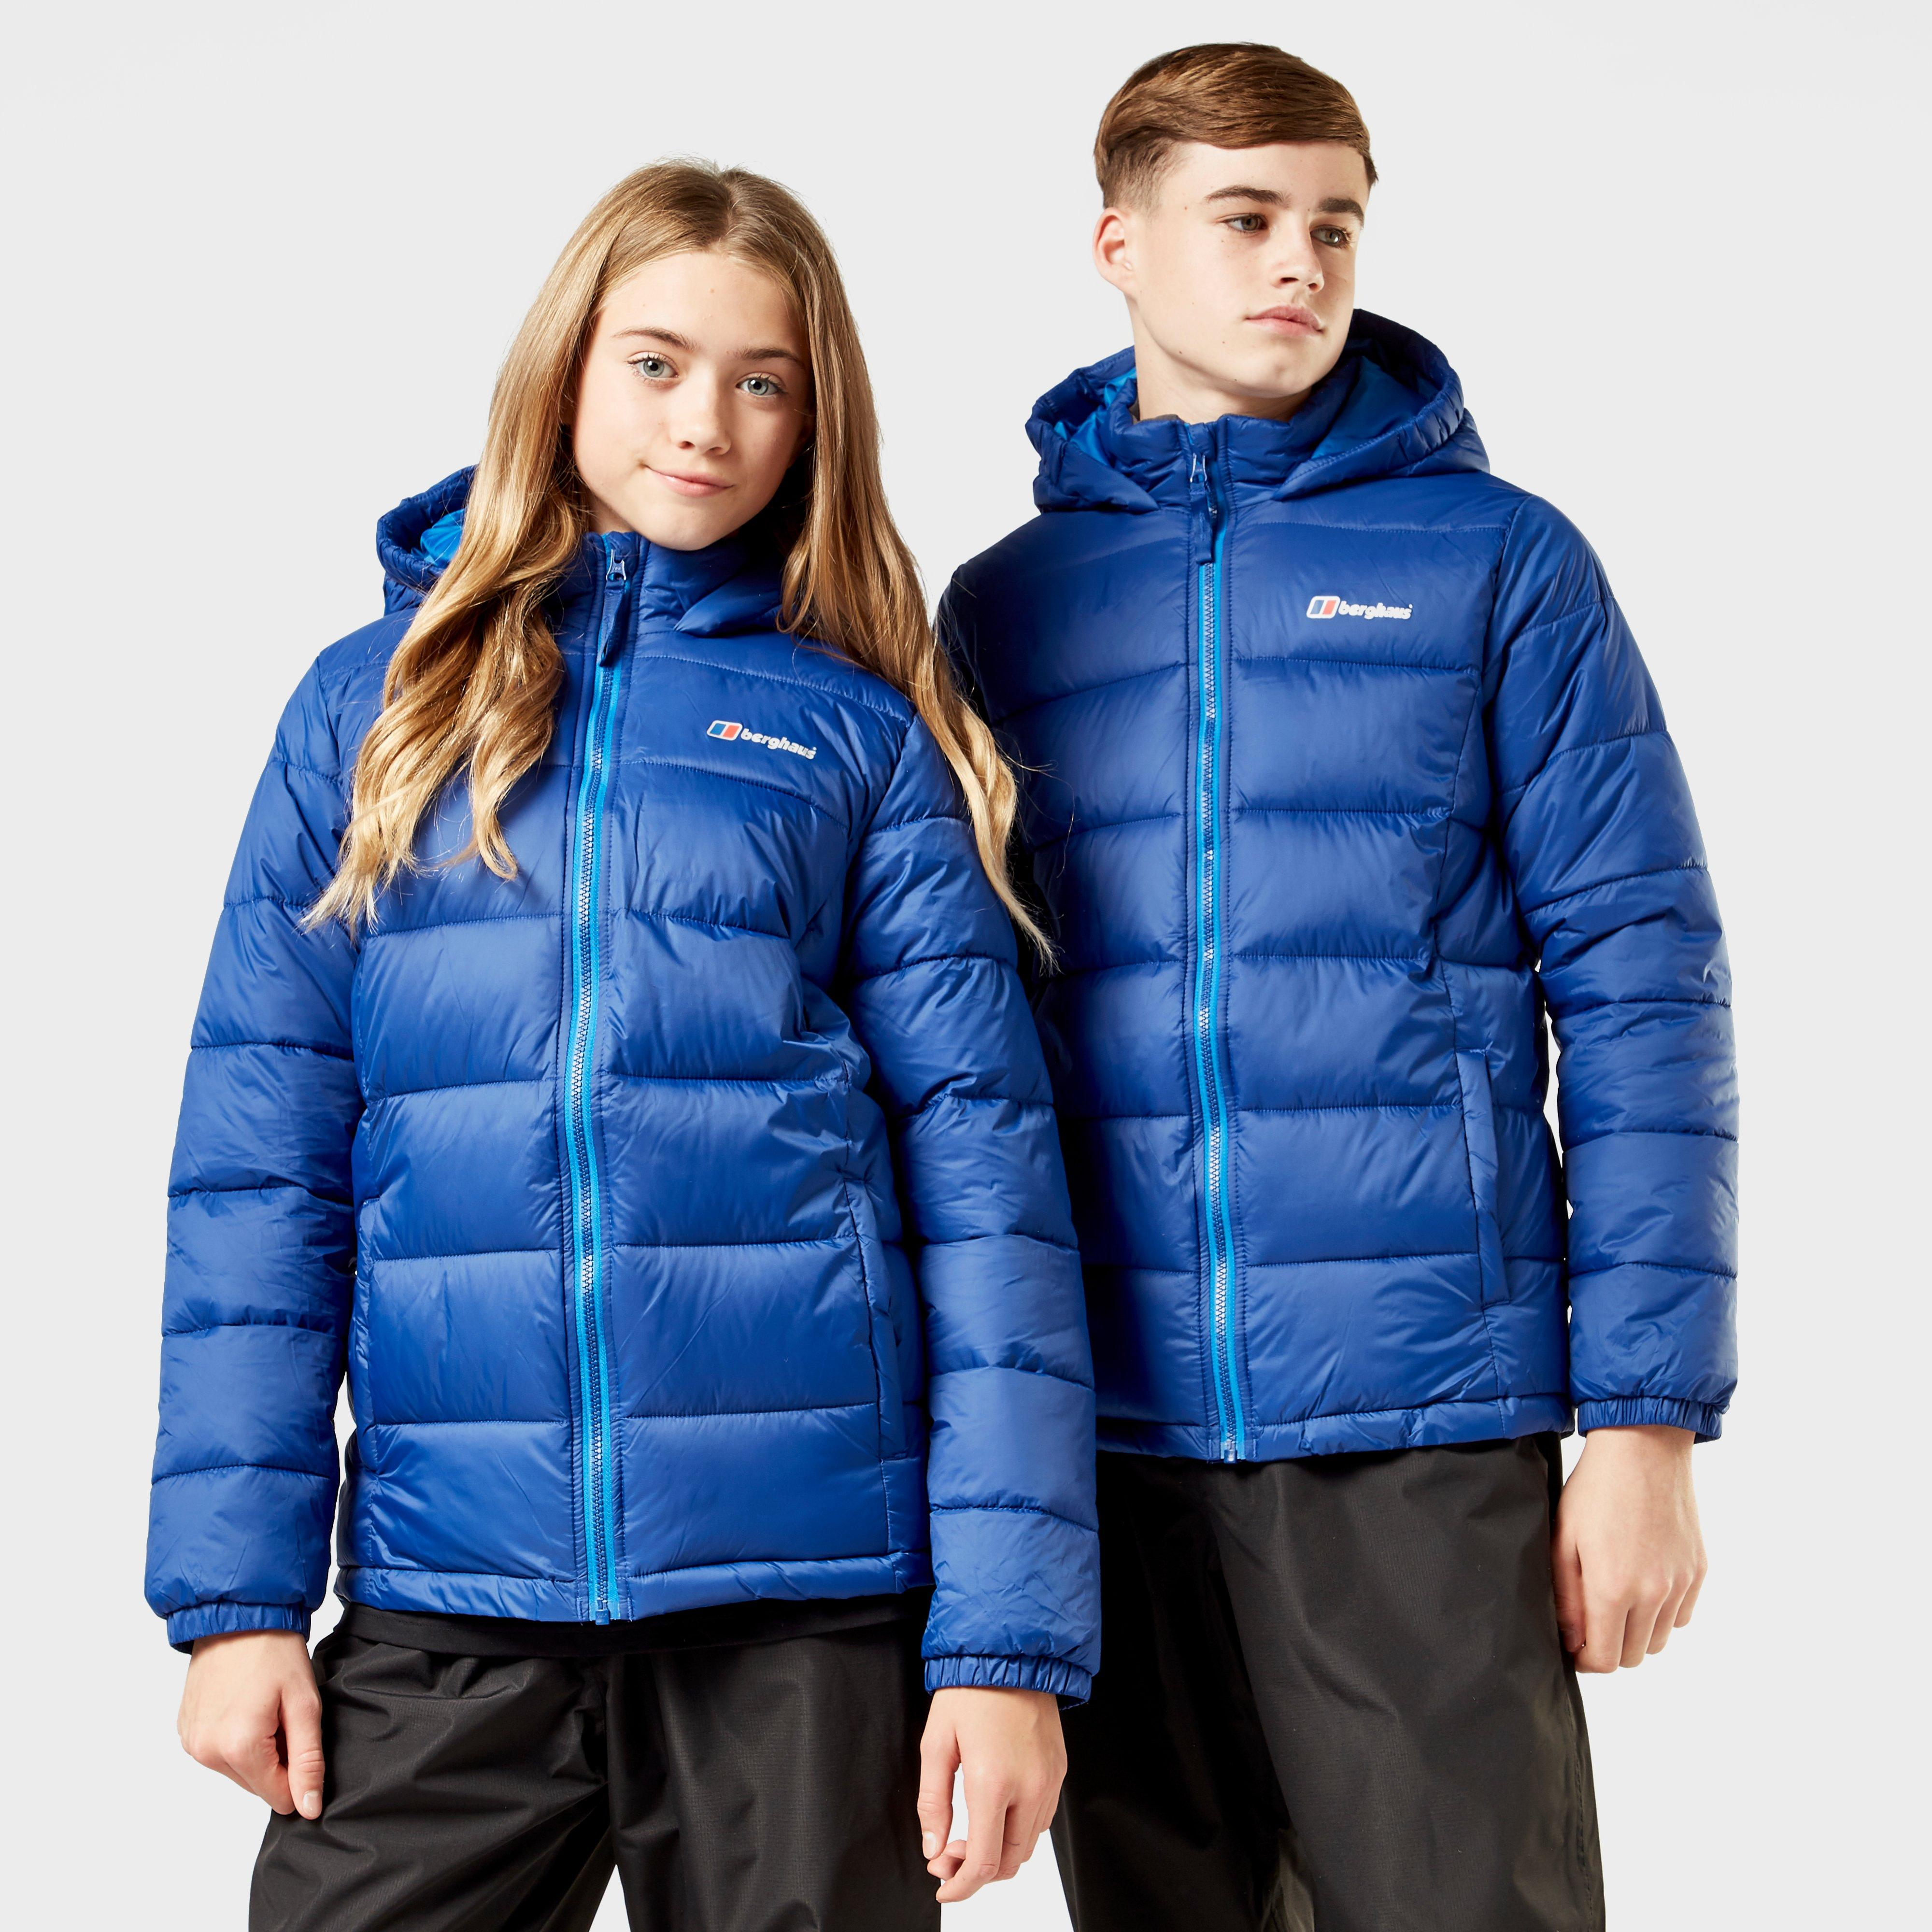 Berghaus Kids Burham Insulated Jacket - Blue/blue  Blue/blue